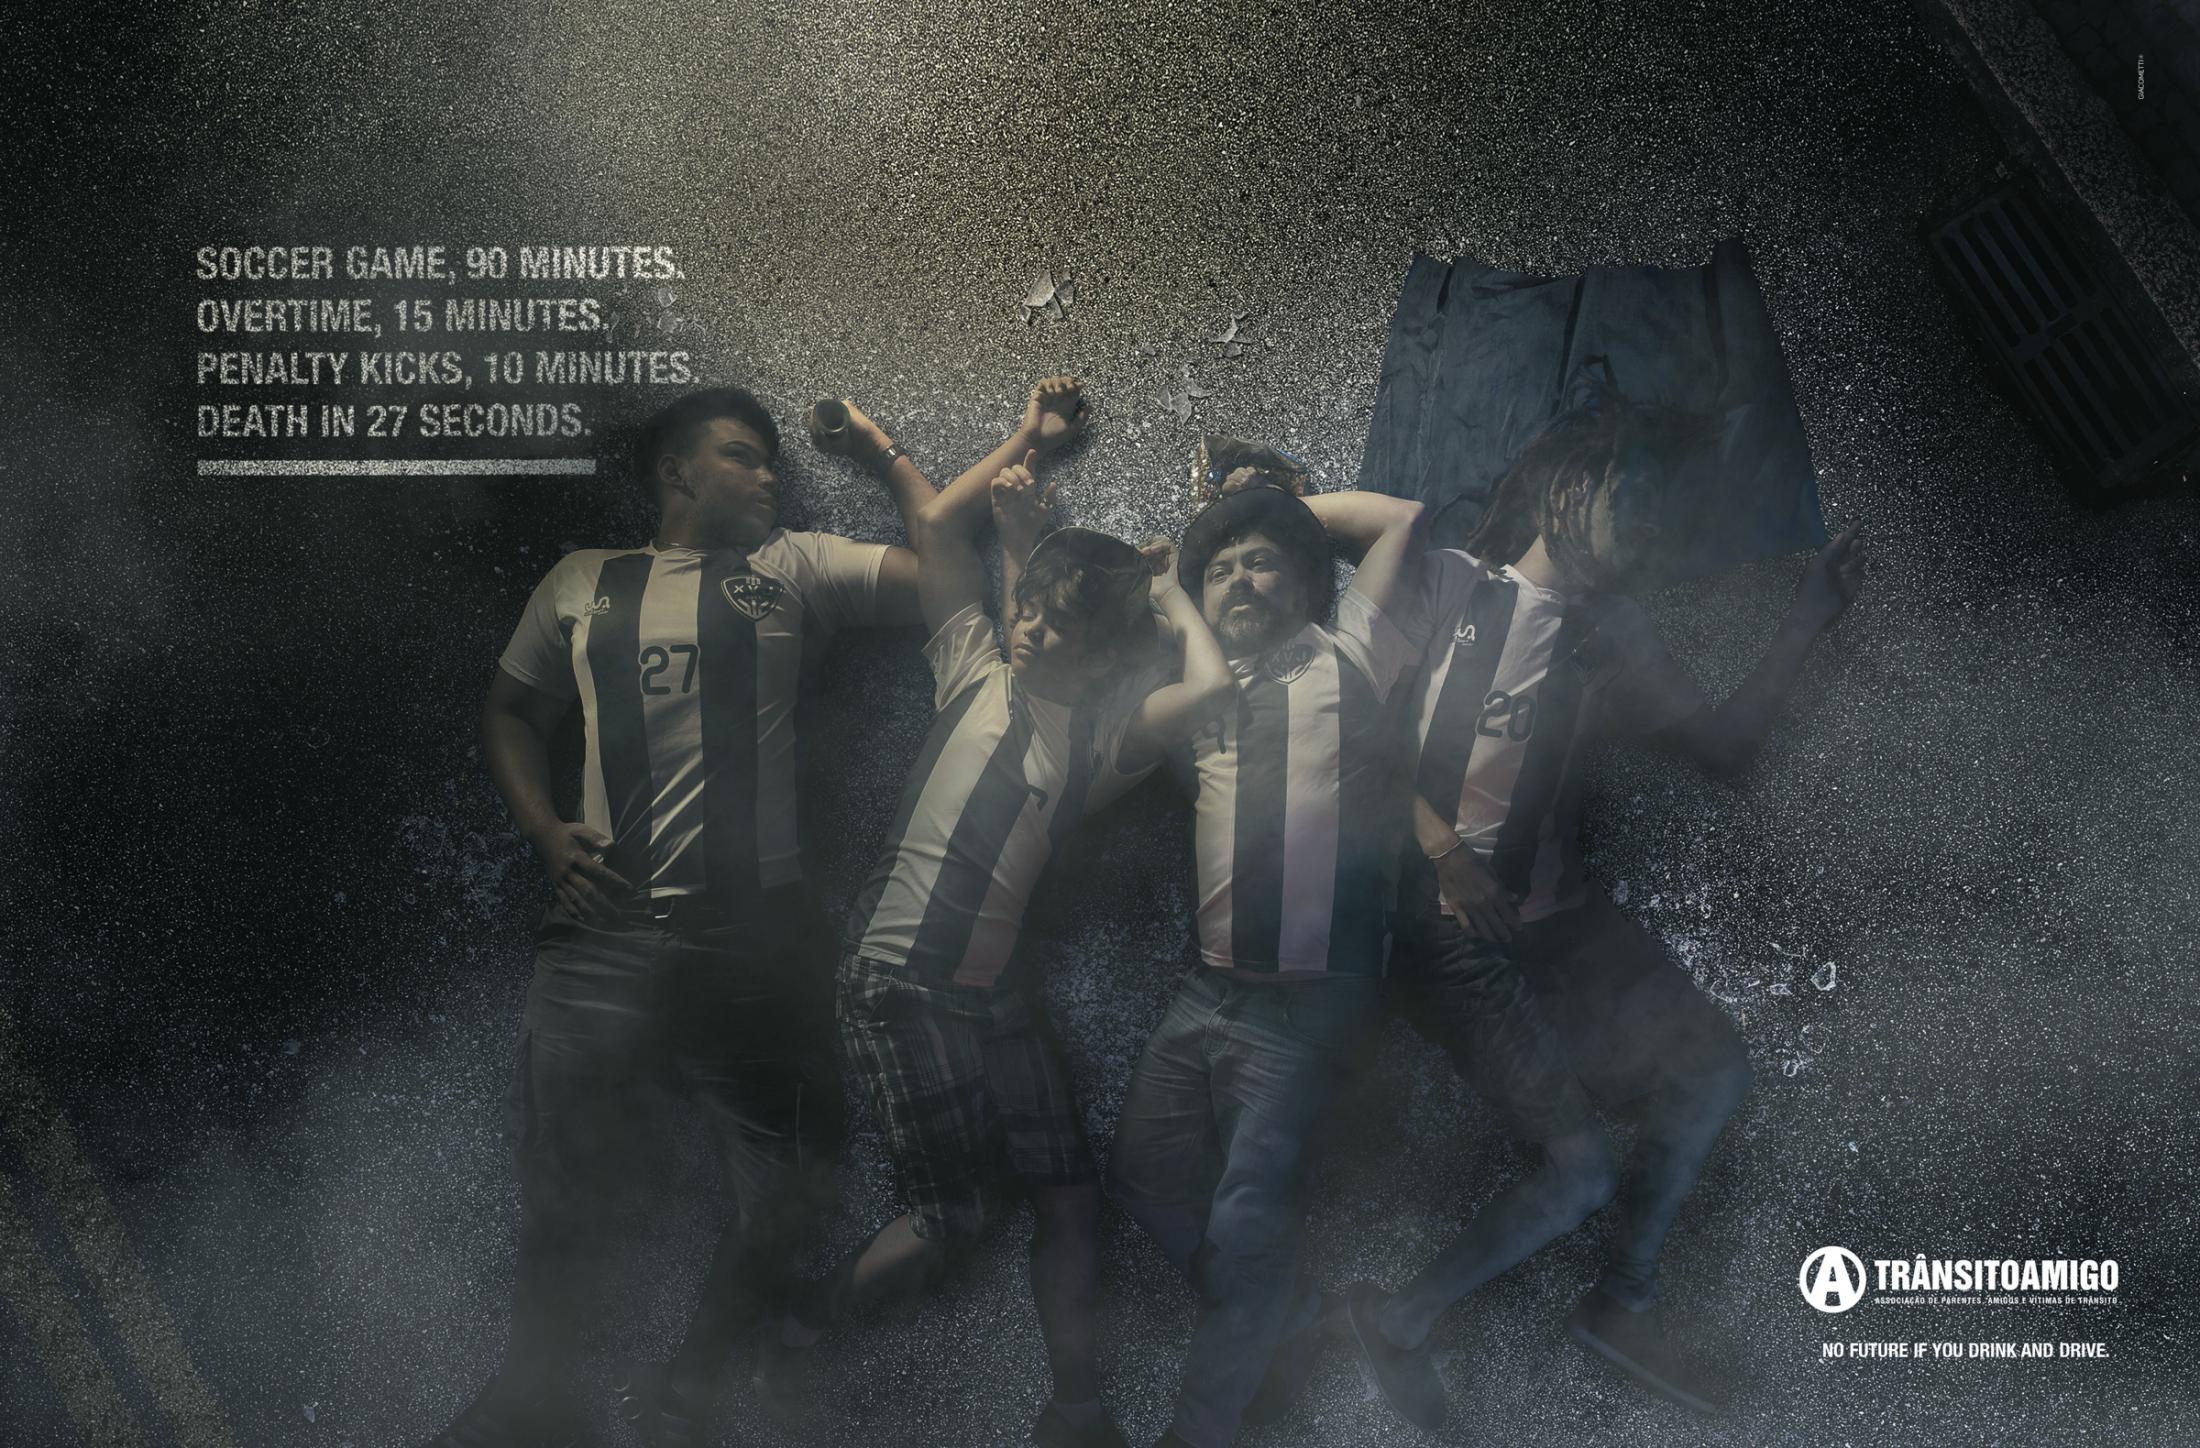 Spécial Coupe du Monde de Football : Les 100 plus belles publicités sur le foot ! 26